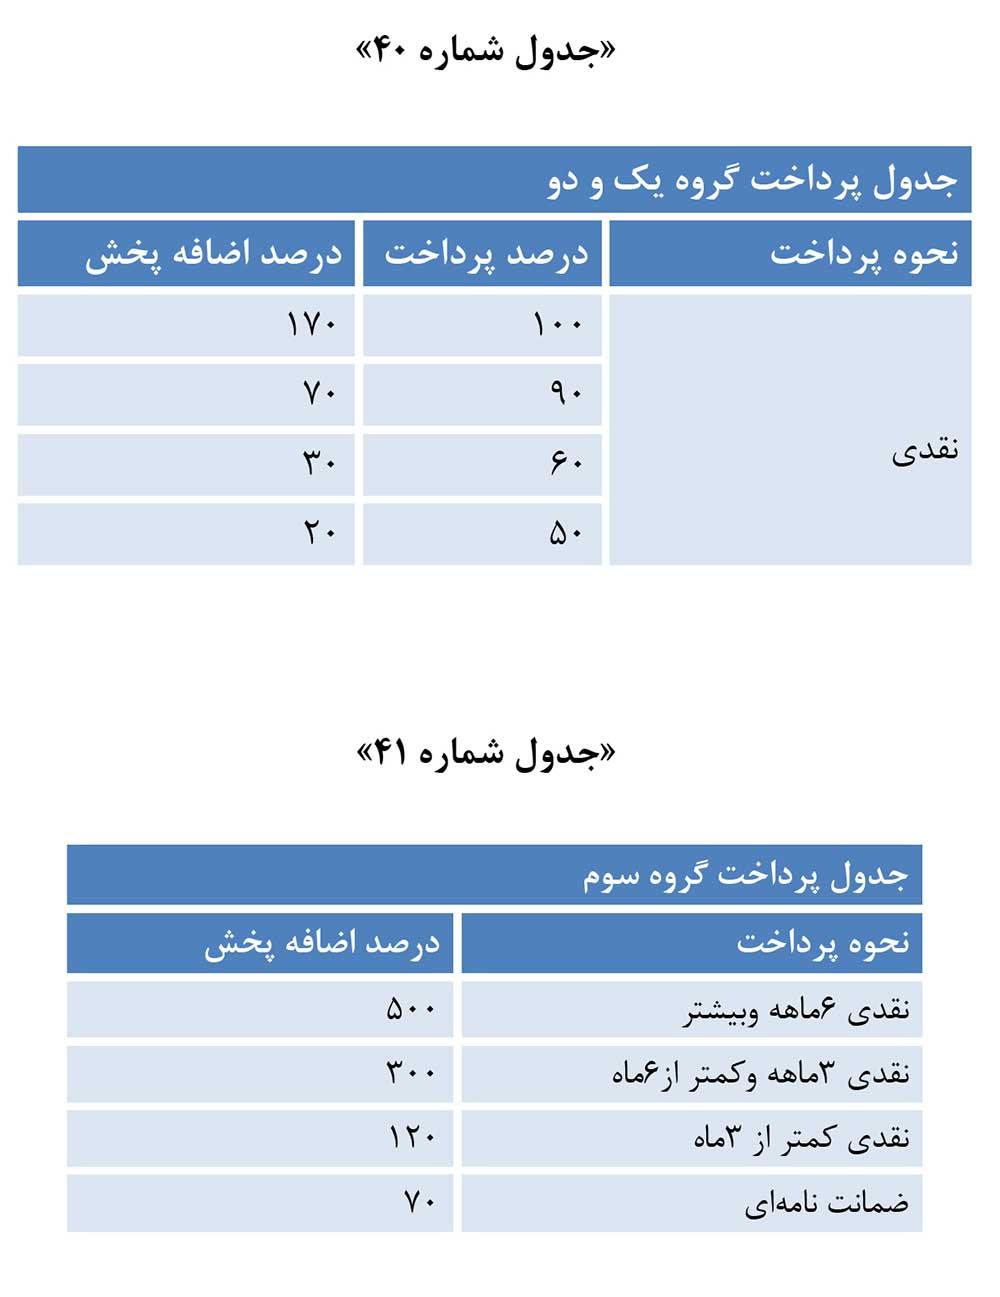 جدول تخفیف پرداخت نقدی هزینه تبلیغات تلویزیونی صداوسیما